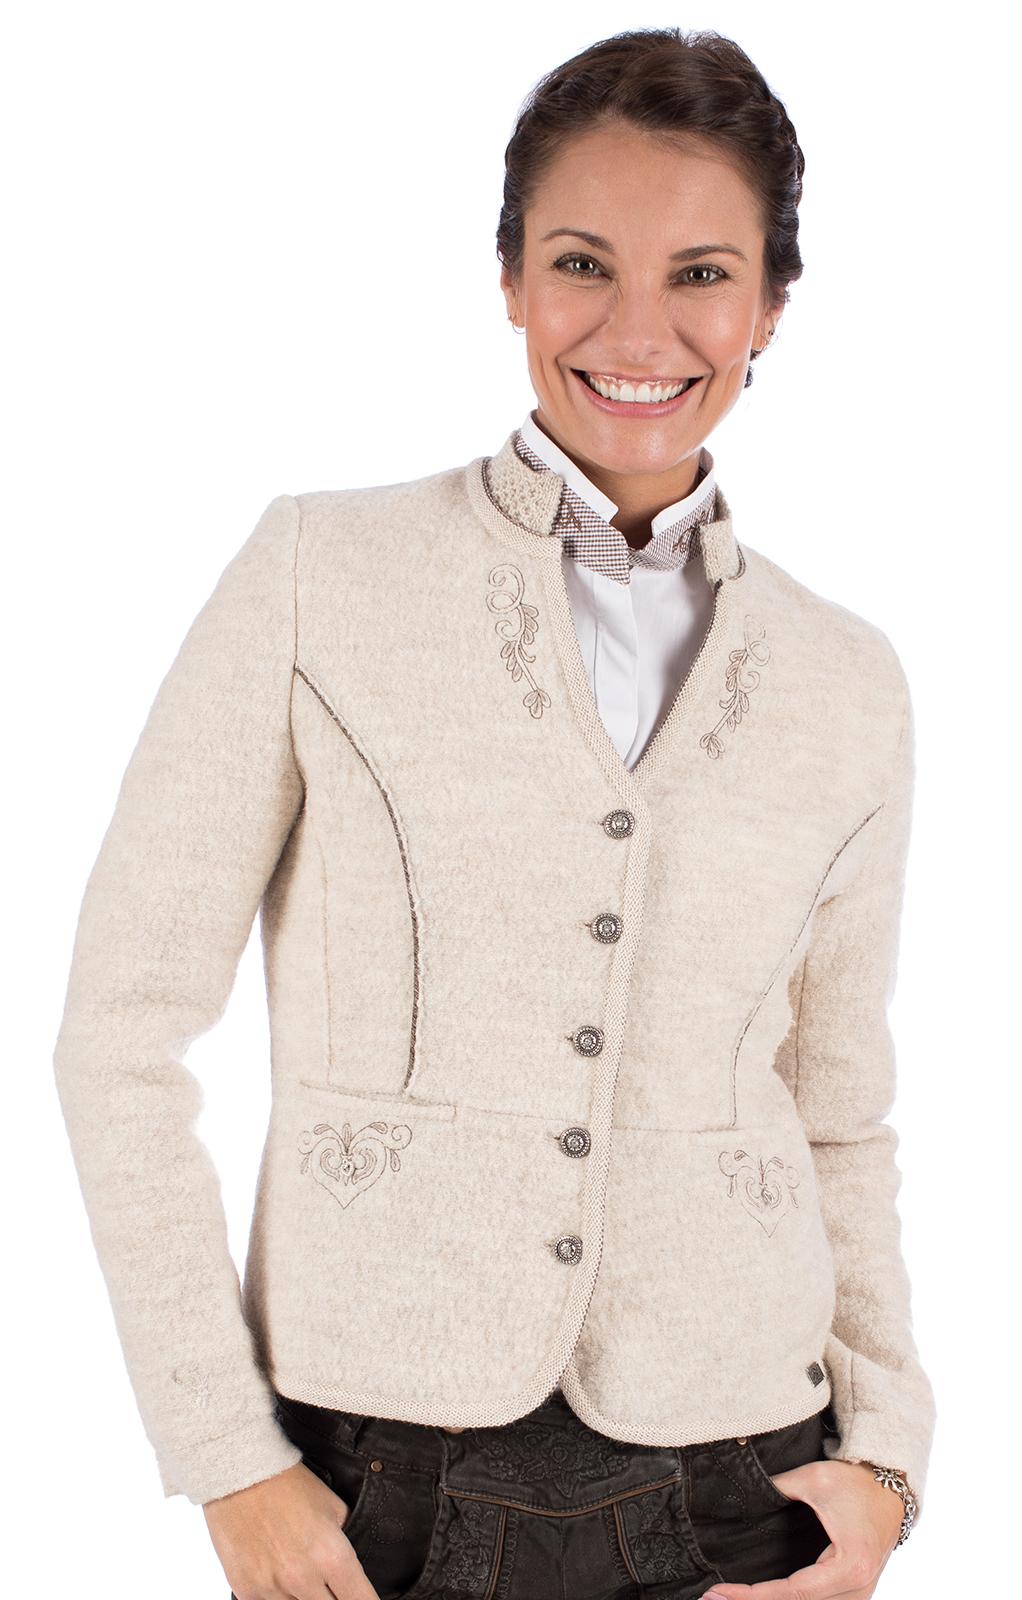 Giacca da passeggio per giacche tradizionali KRIEMHILD WJ natura von Spieth & Wensky